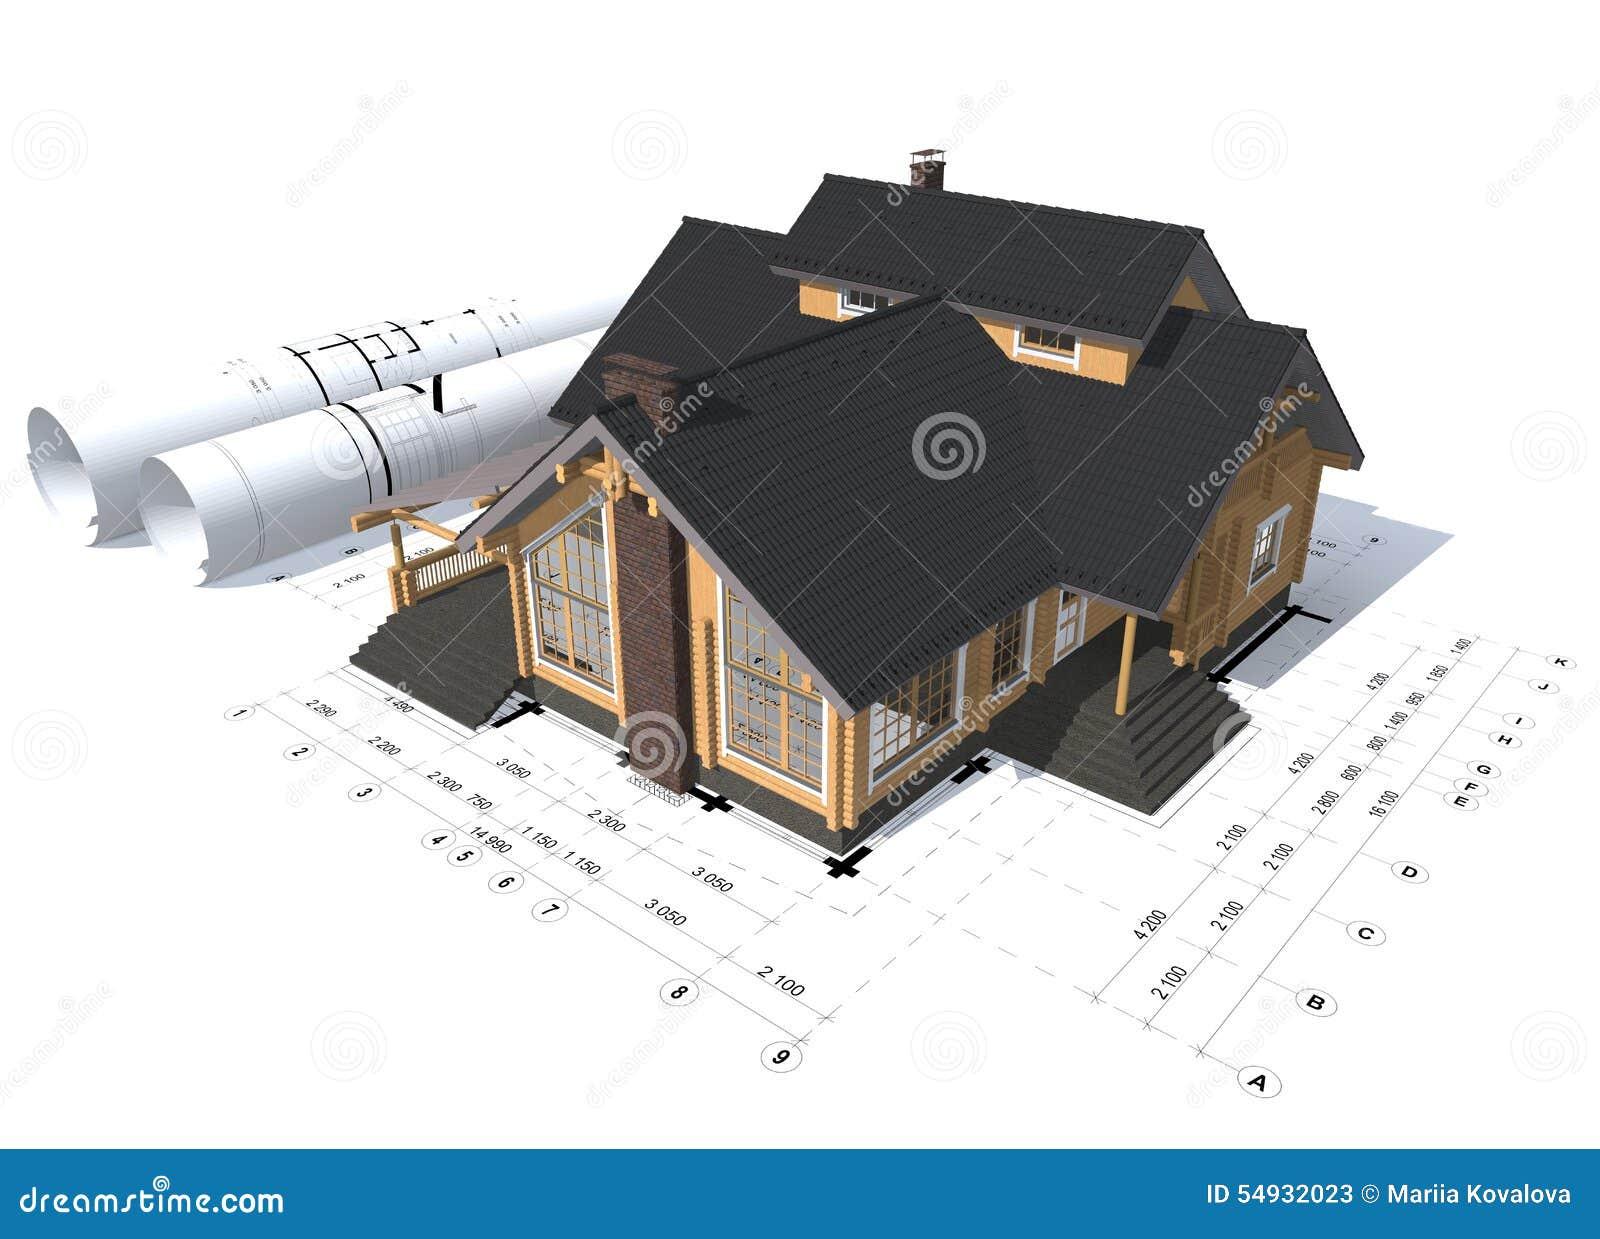 Excellent cheap programma per progettare interno casa - Programma per progettare casa gratis ...